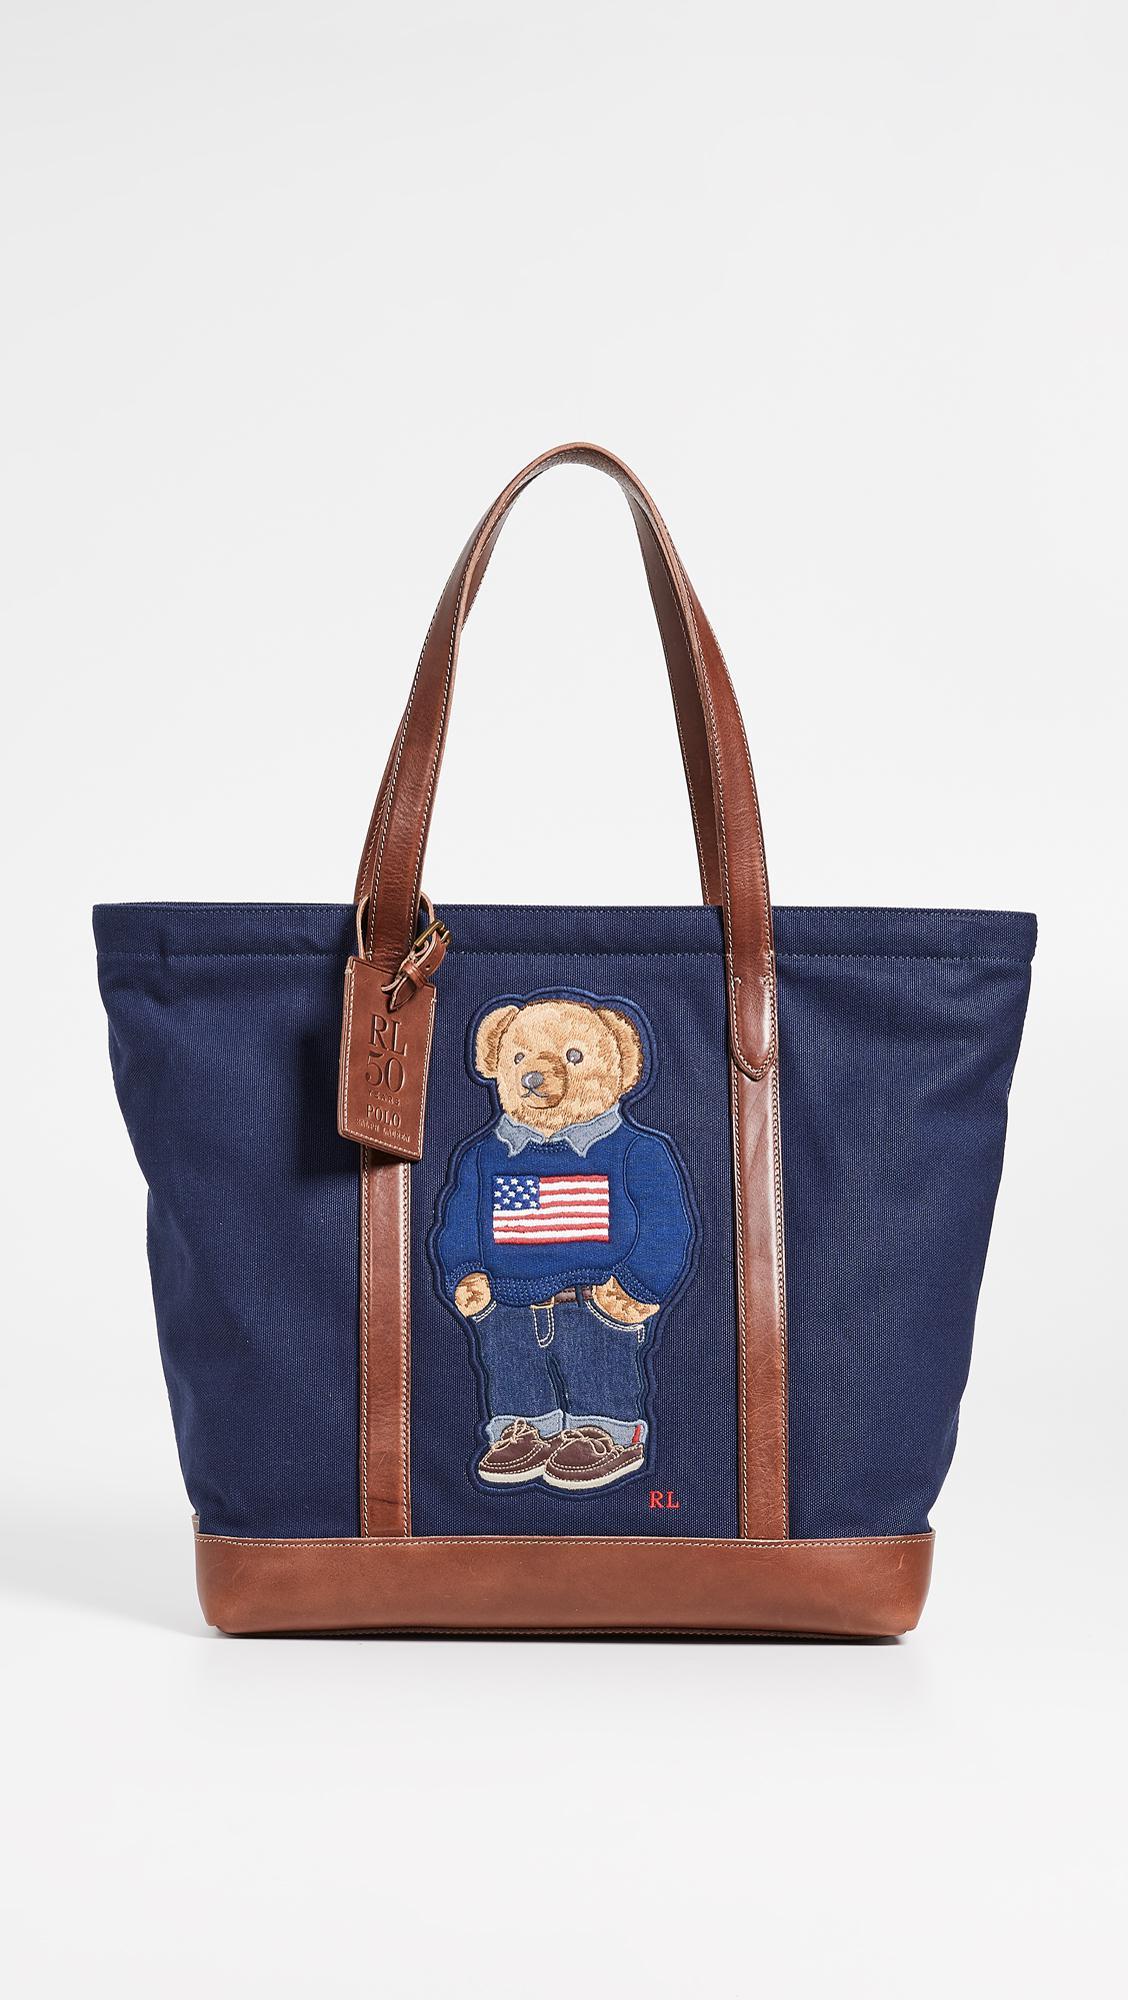 Lyst - Polo Ralph Lauren 50th Anniversary Tote in Blue for Men 0e1ecbdc5749b